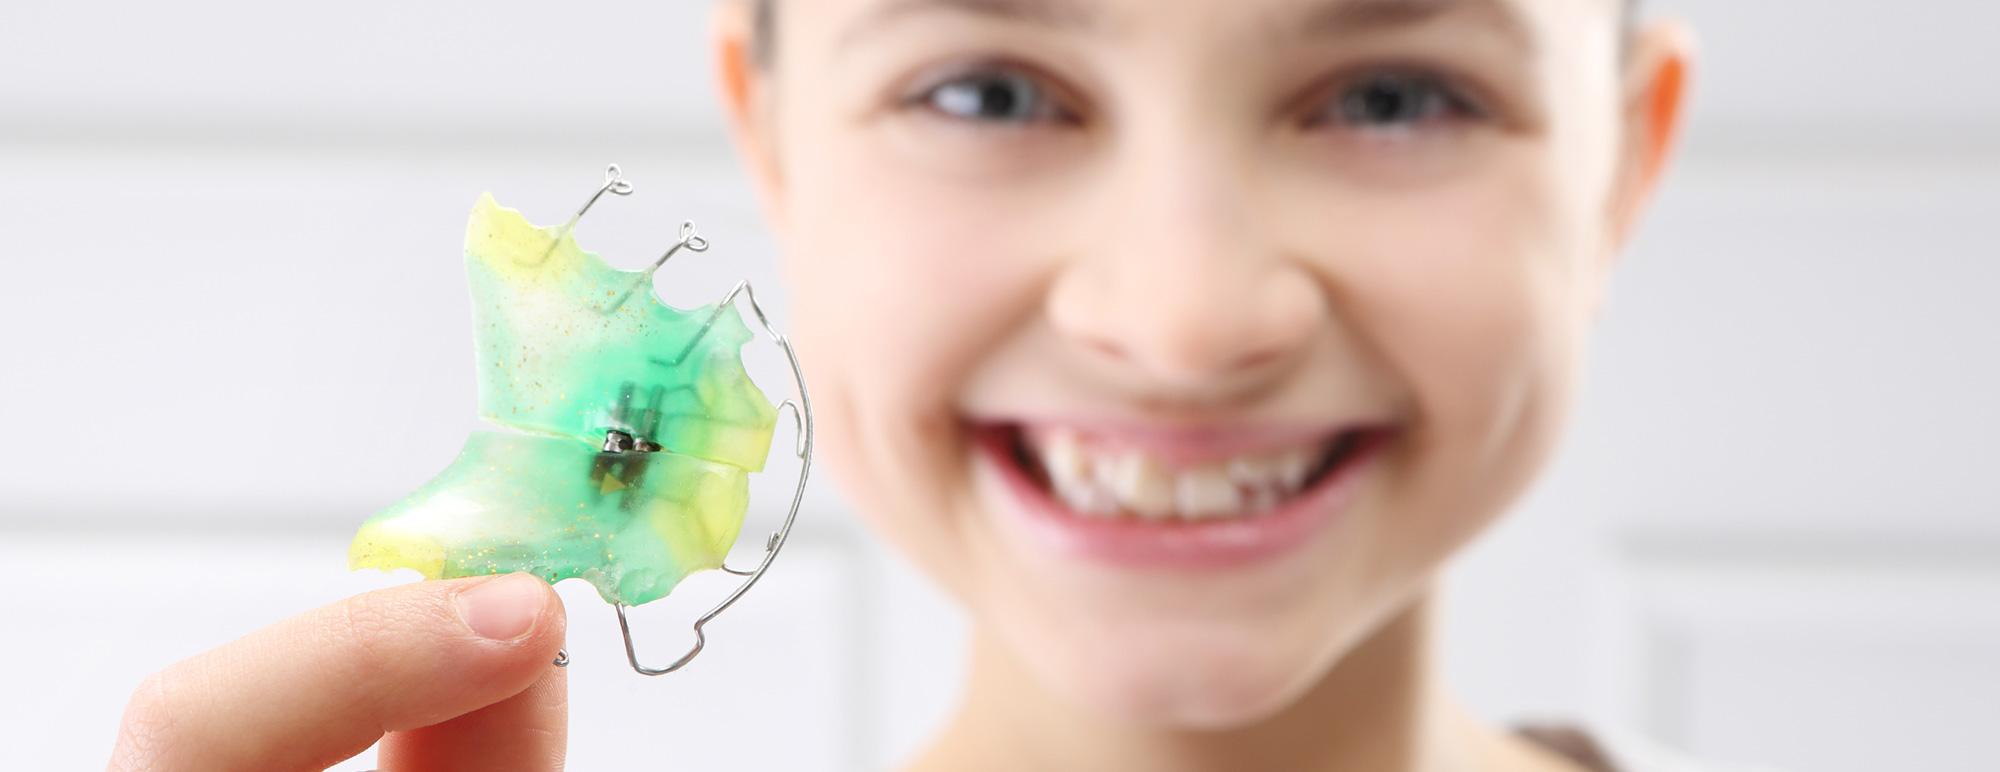 Orthodontie 94 Choisy le Roi: Appareils orthodontiques Esthétique Invisible Invisalign linguale Céramique Transparent